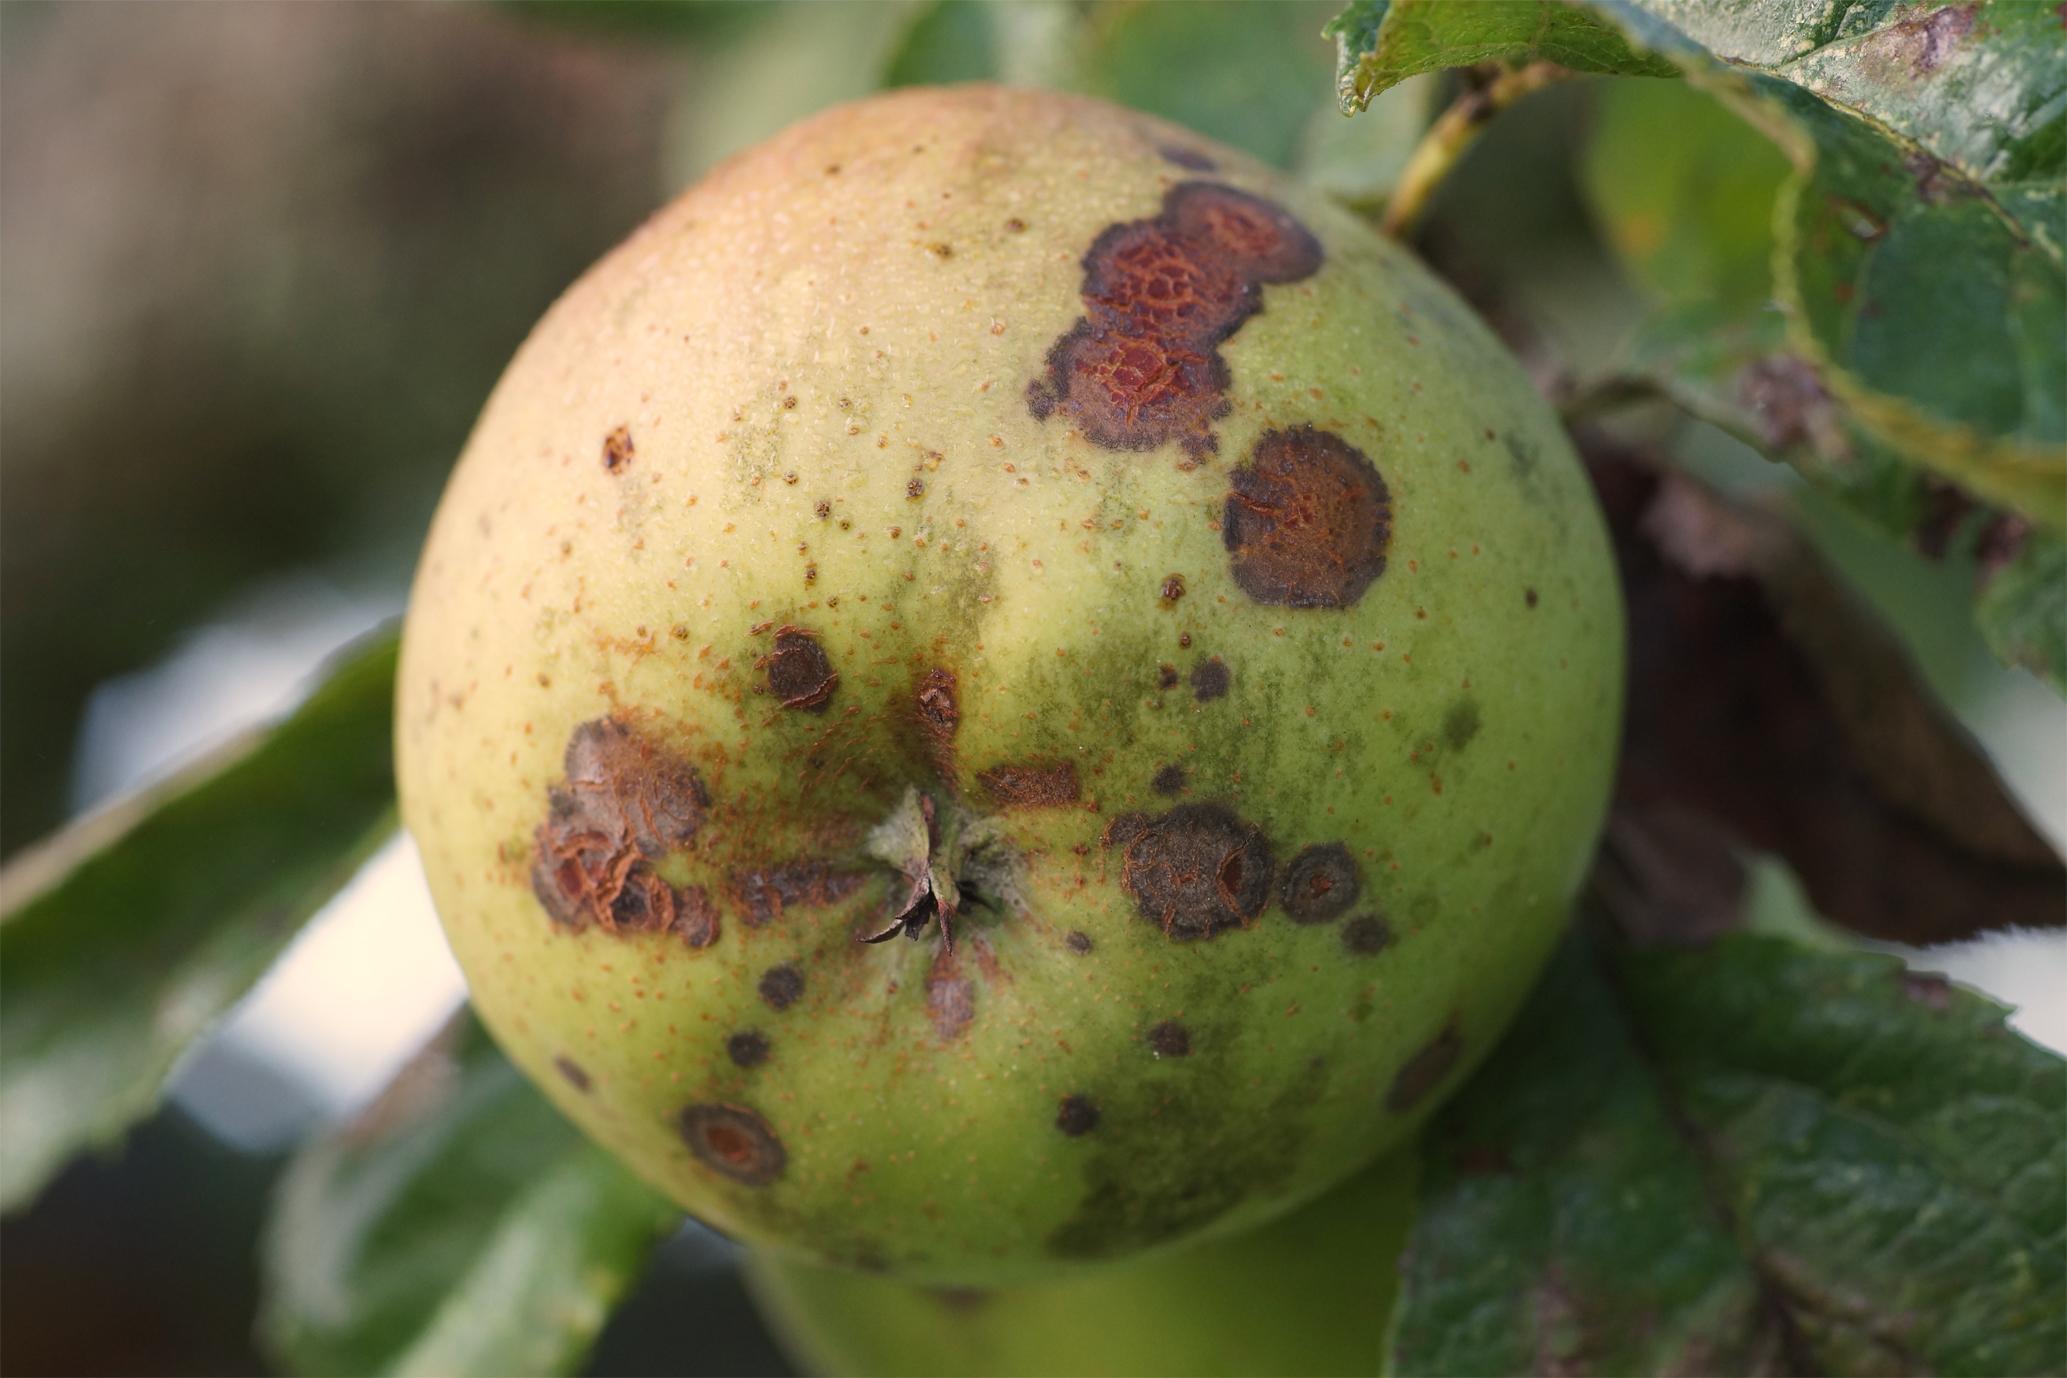 Starker Fruchtschorfbefall auf Apfel